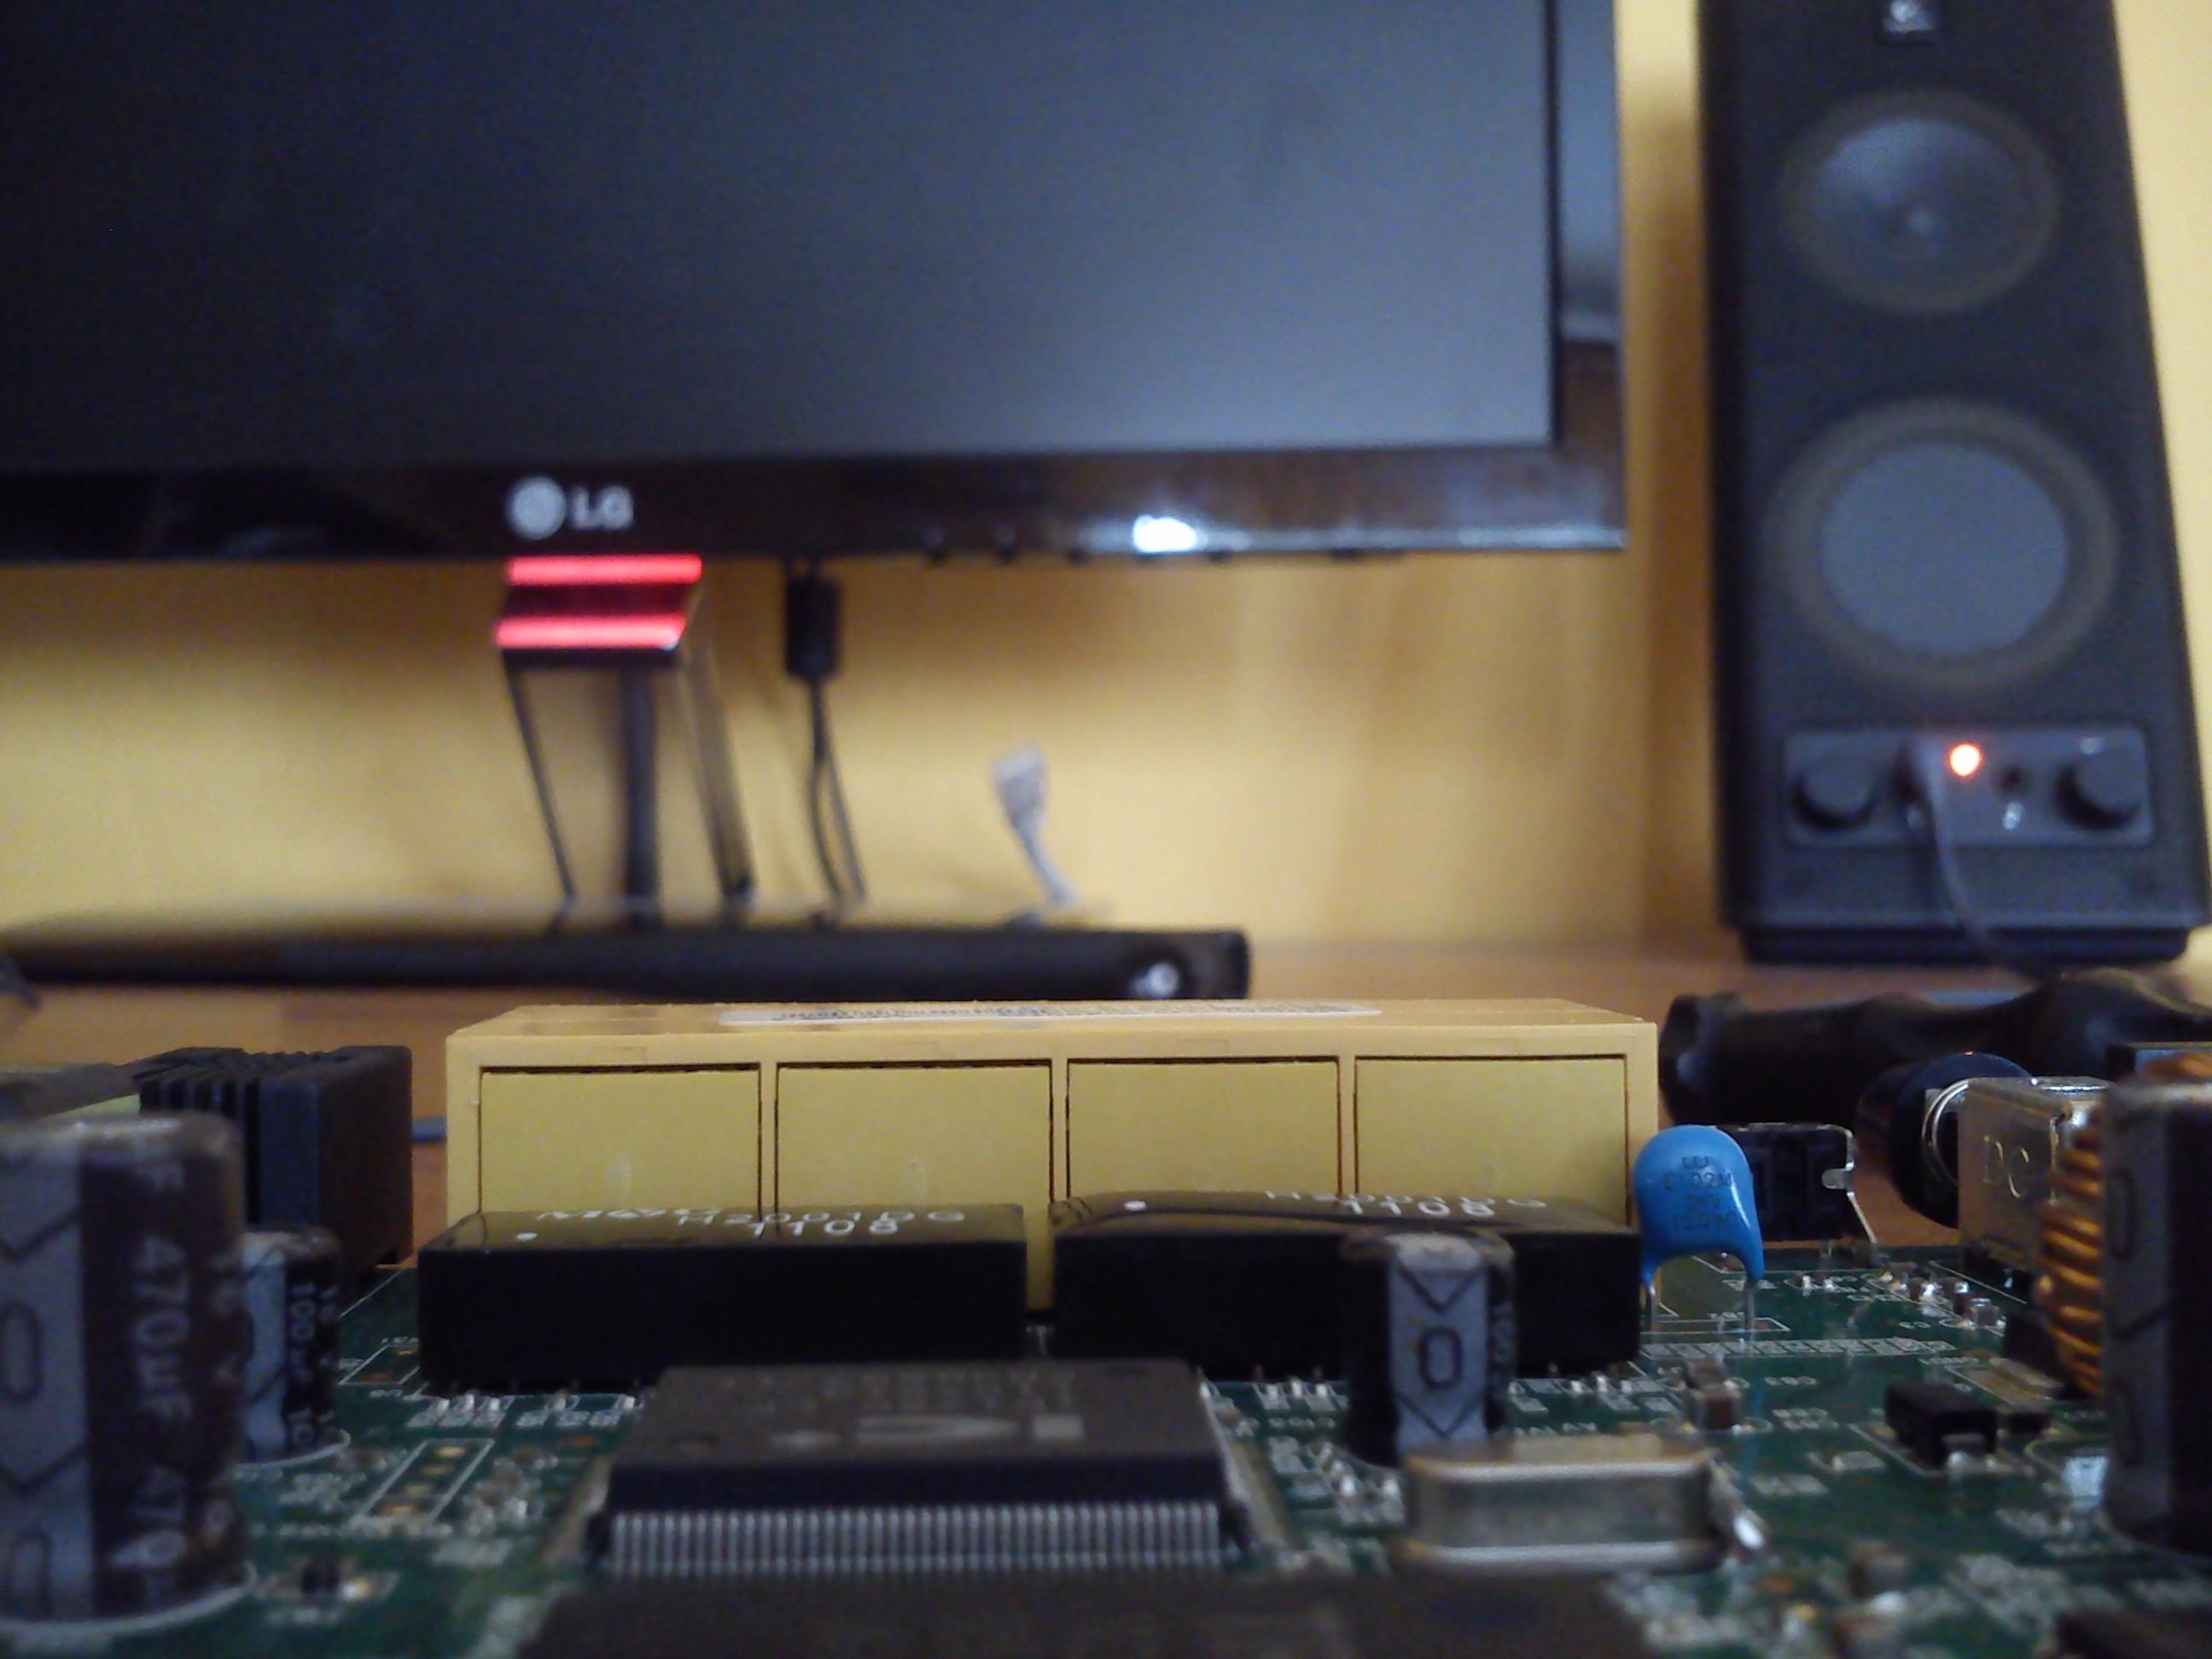 TP-LINK TD-W8901G - Zaniki sygna�u po��czenia przewodowego rutera z komputerem.